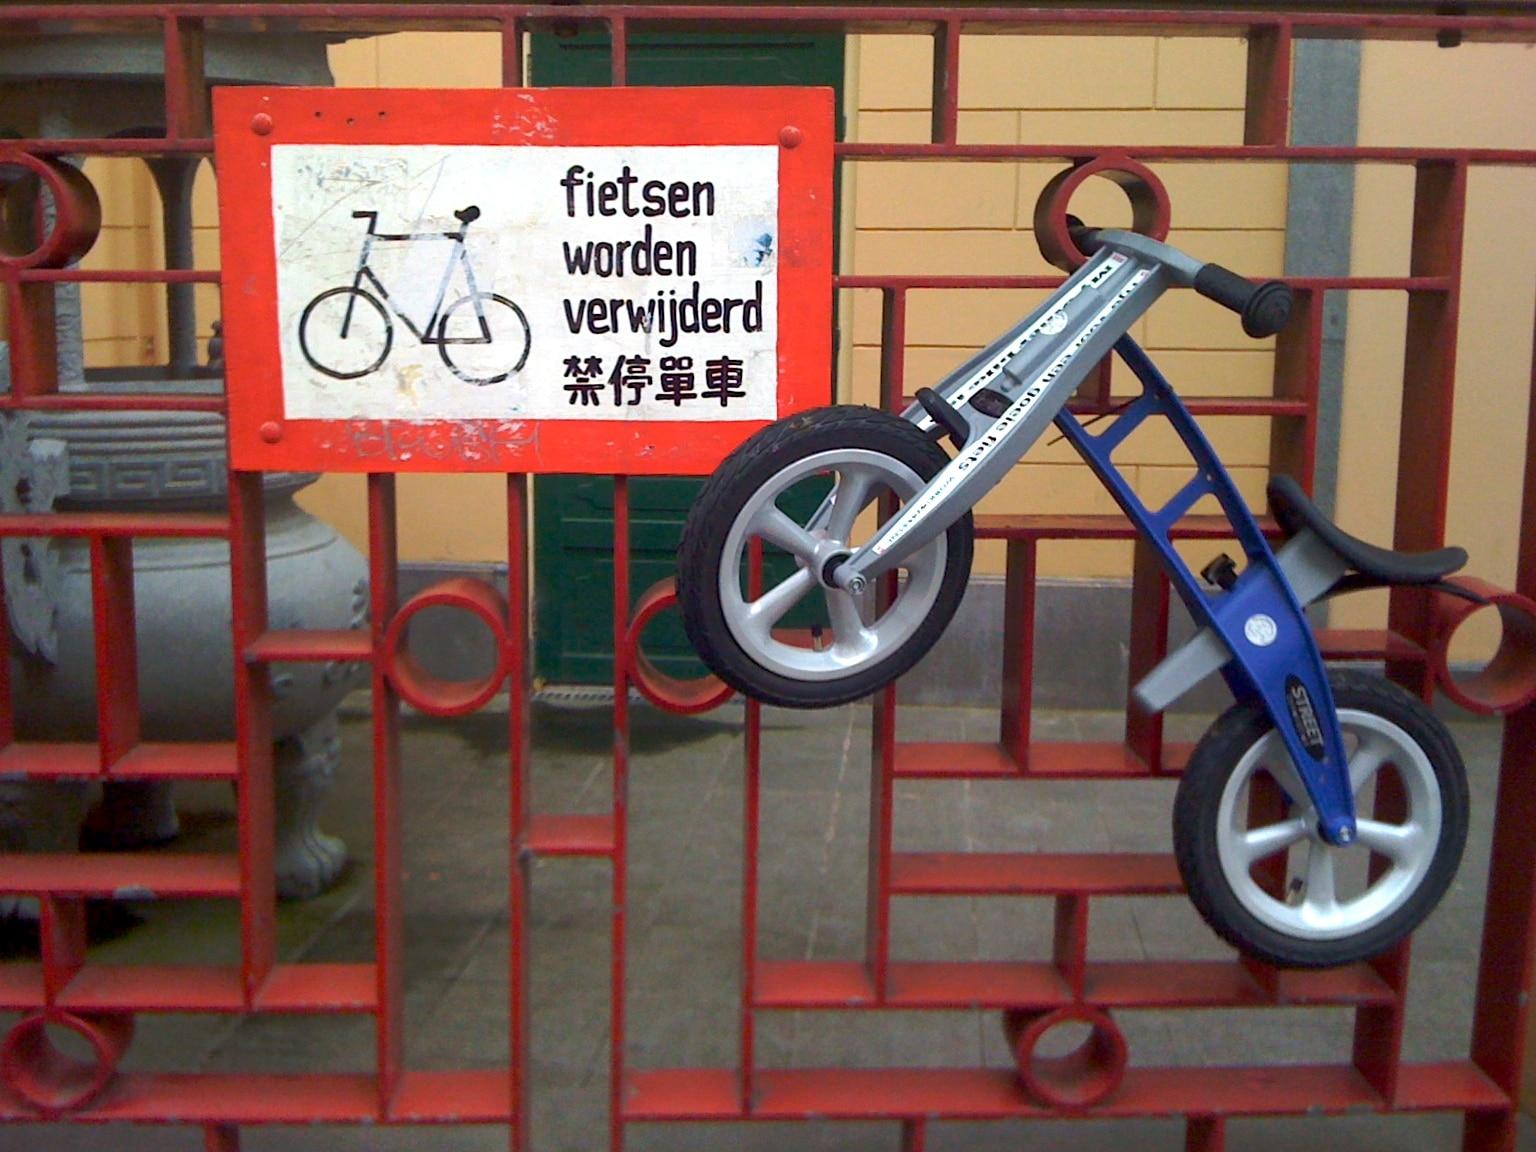 fietsen-worden-verwijderd